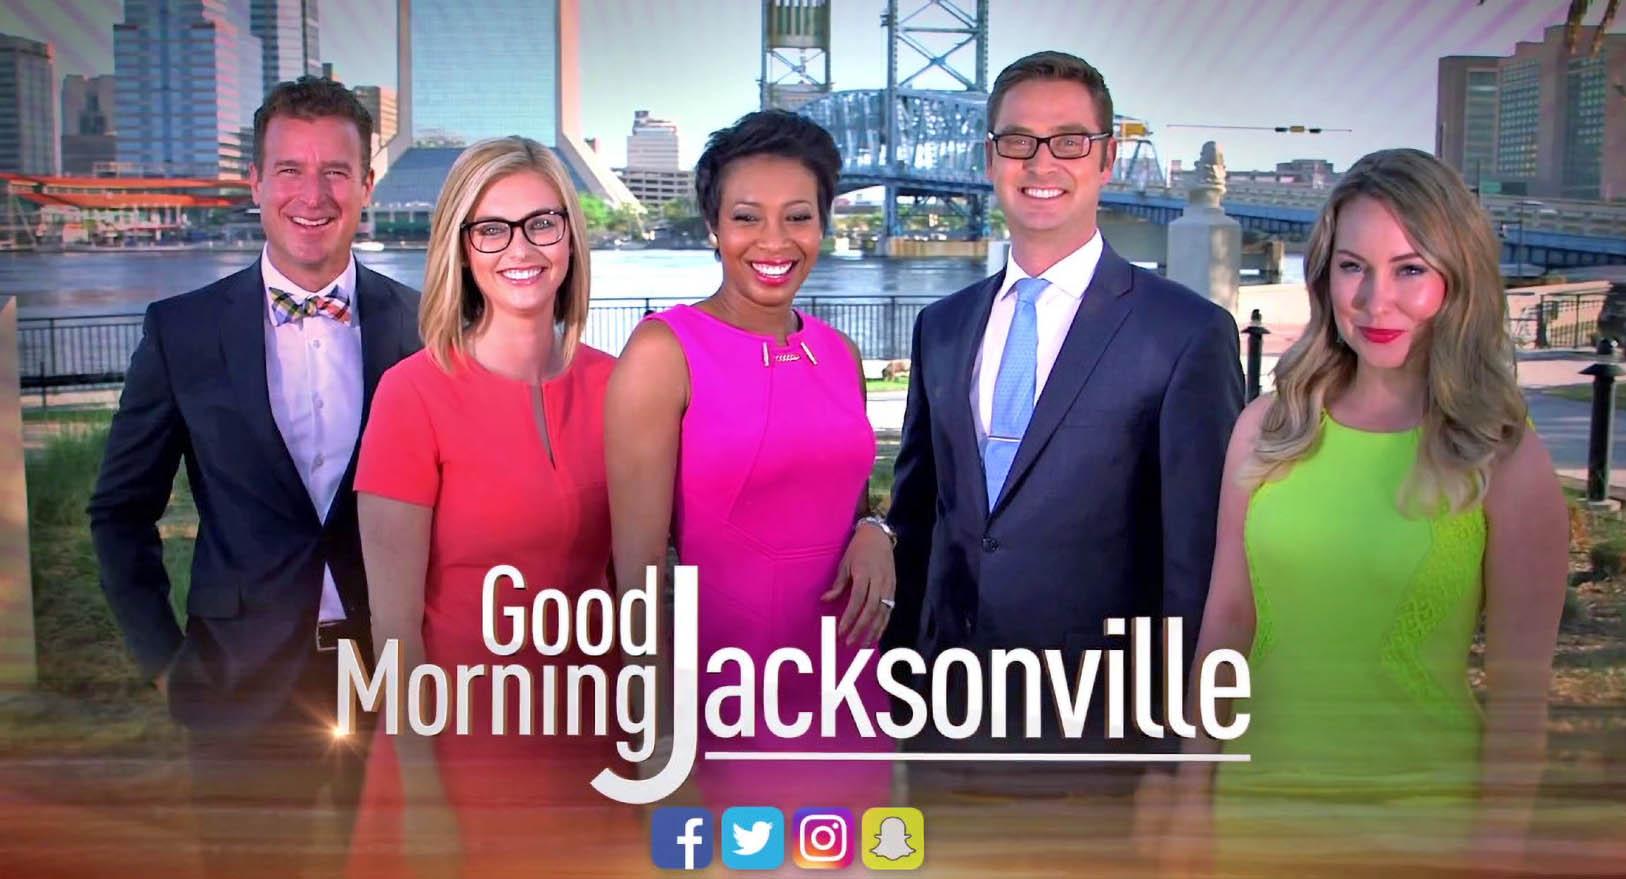 Good Morning Jacksonville news team